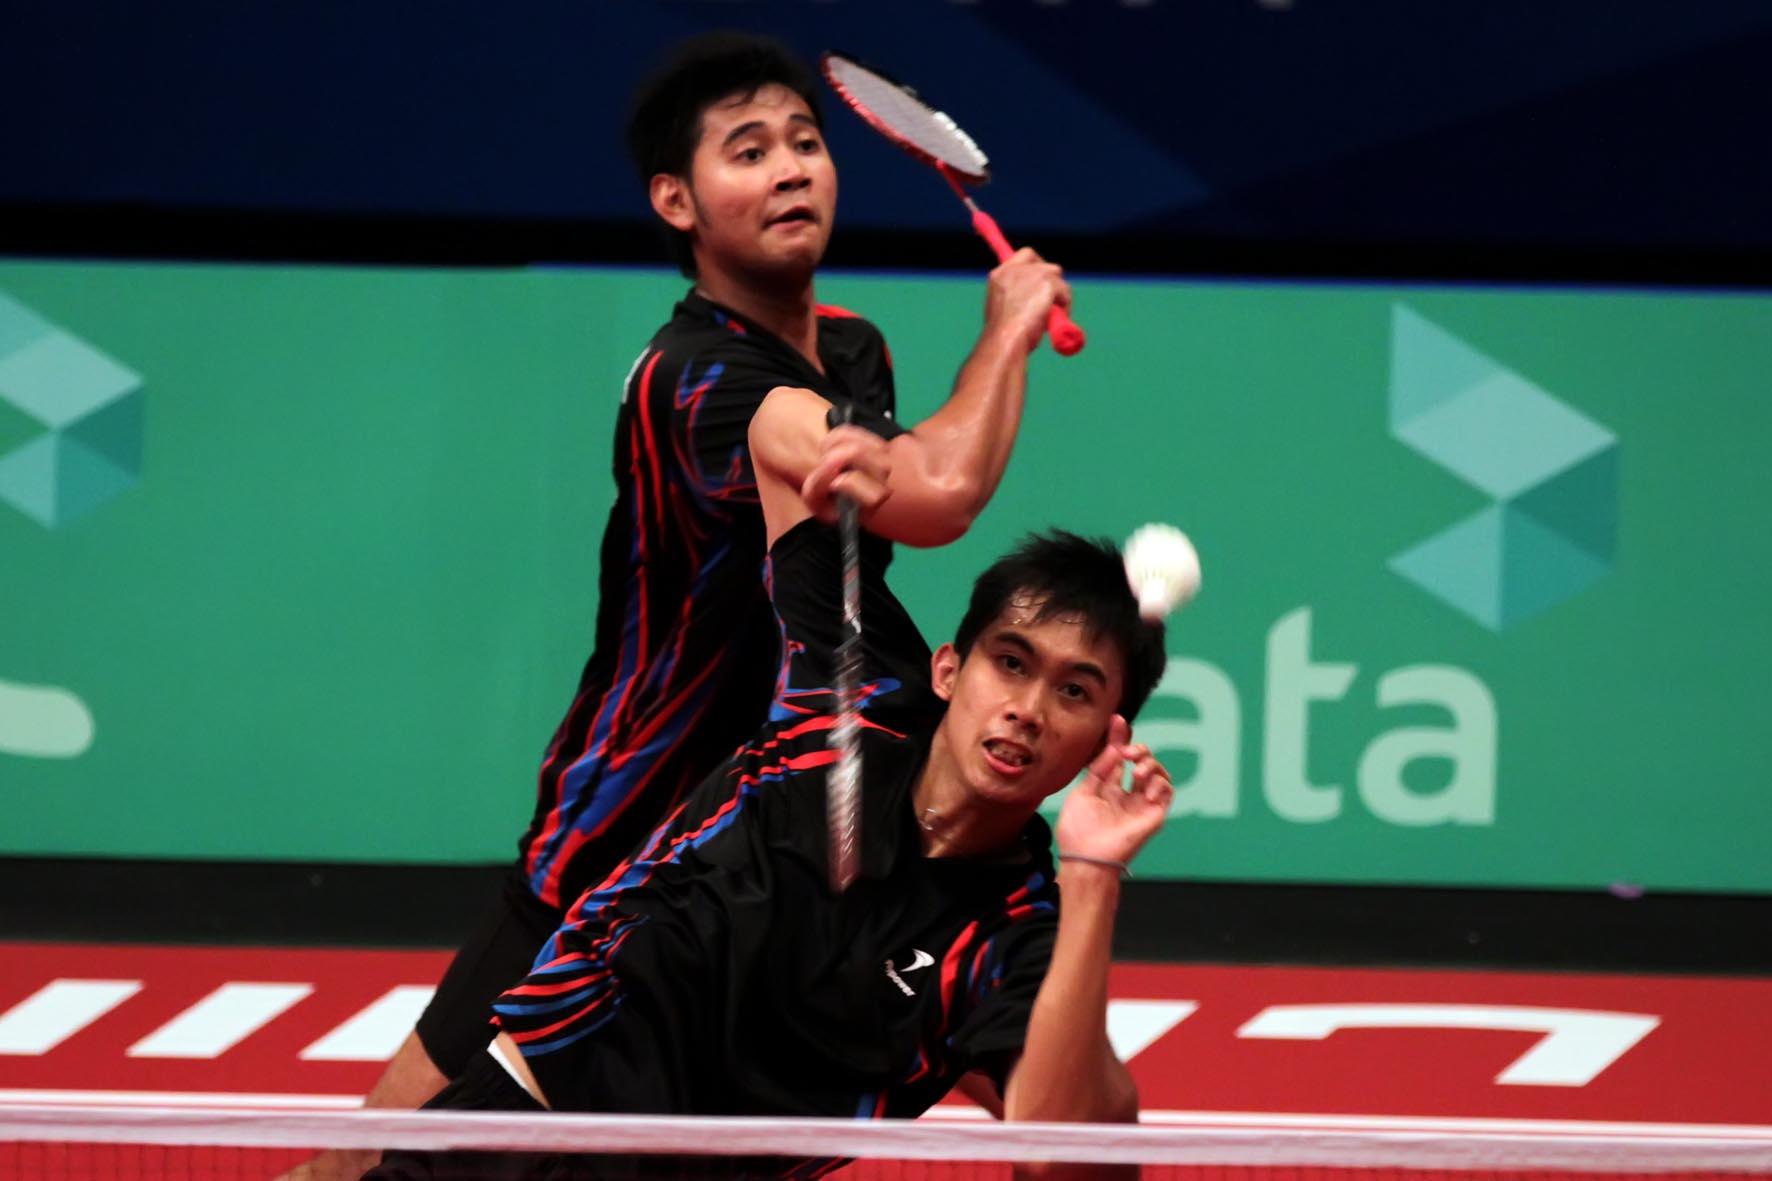 Djarum Badminton Ryan Angga Juara DIOSSP 2013 Insyallah Kami Raih